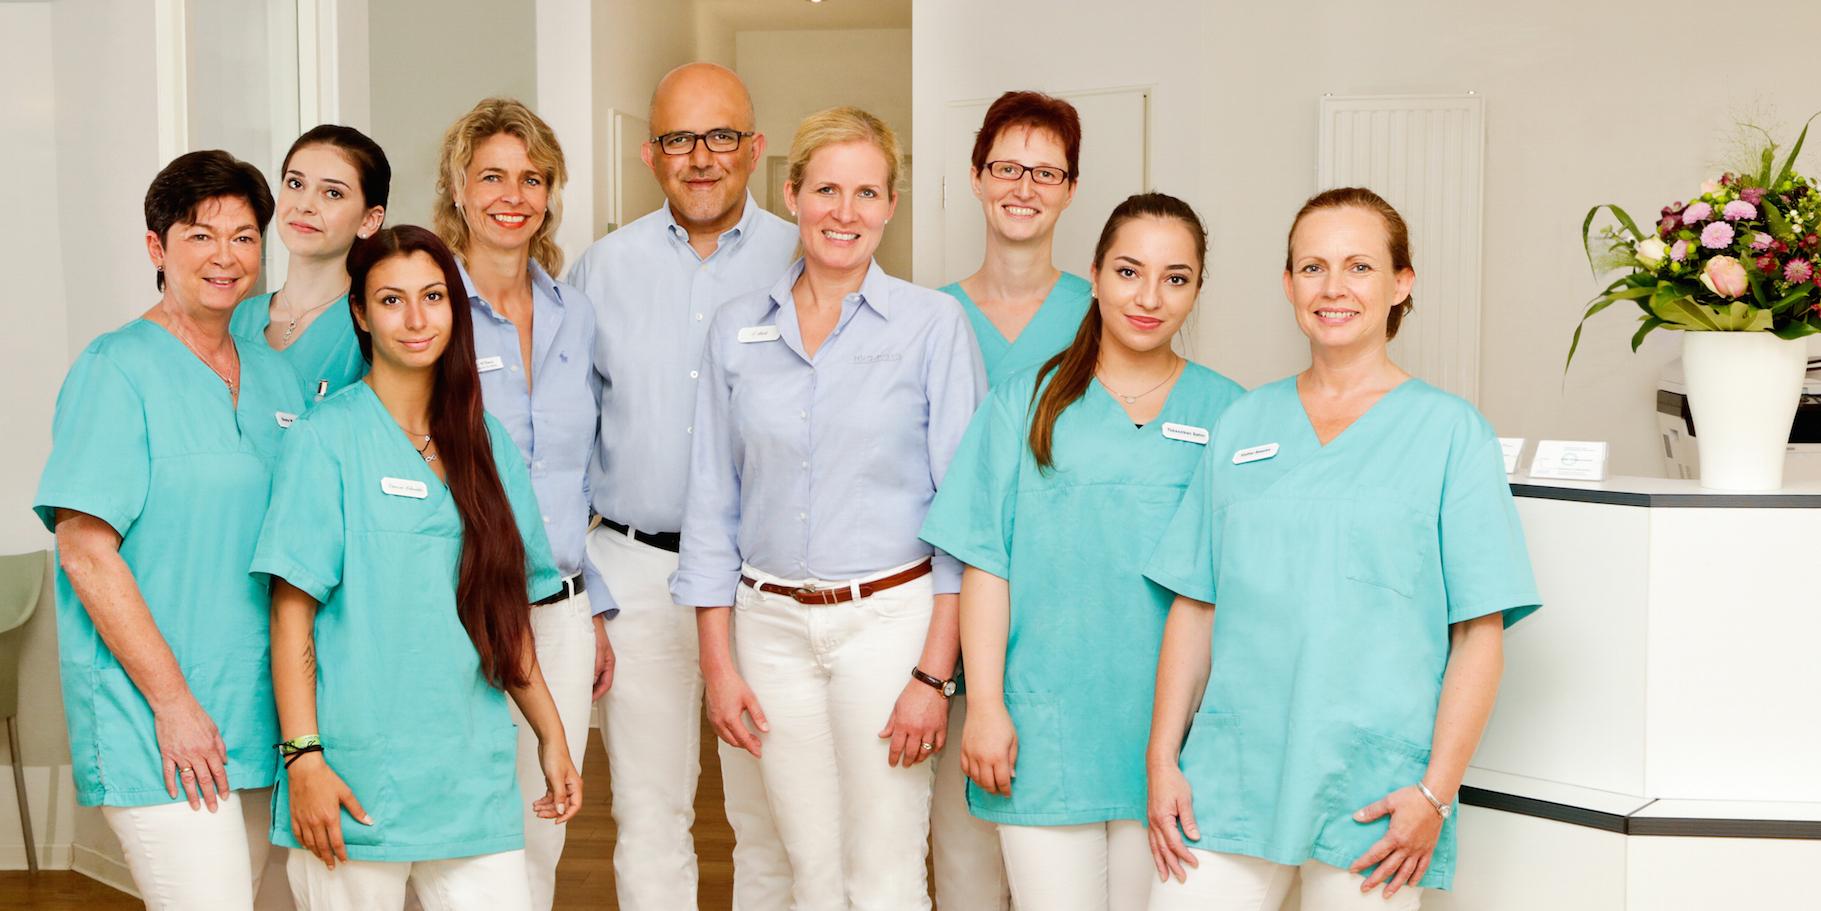 Ärzte: HNO Ahrensburg die Besten deiner Stadt ...